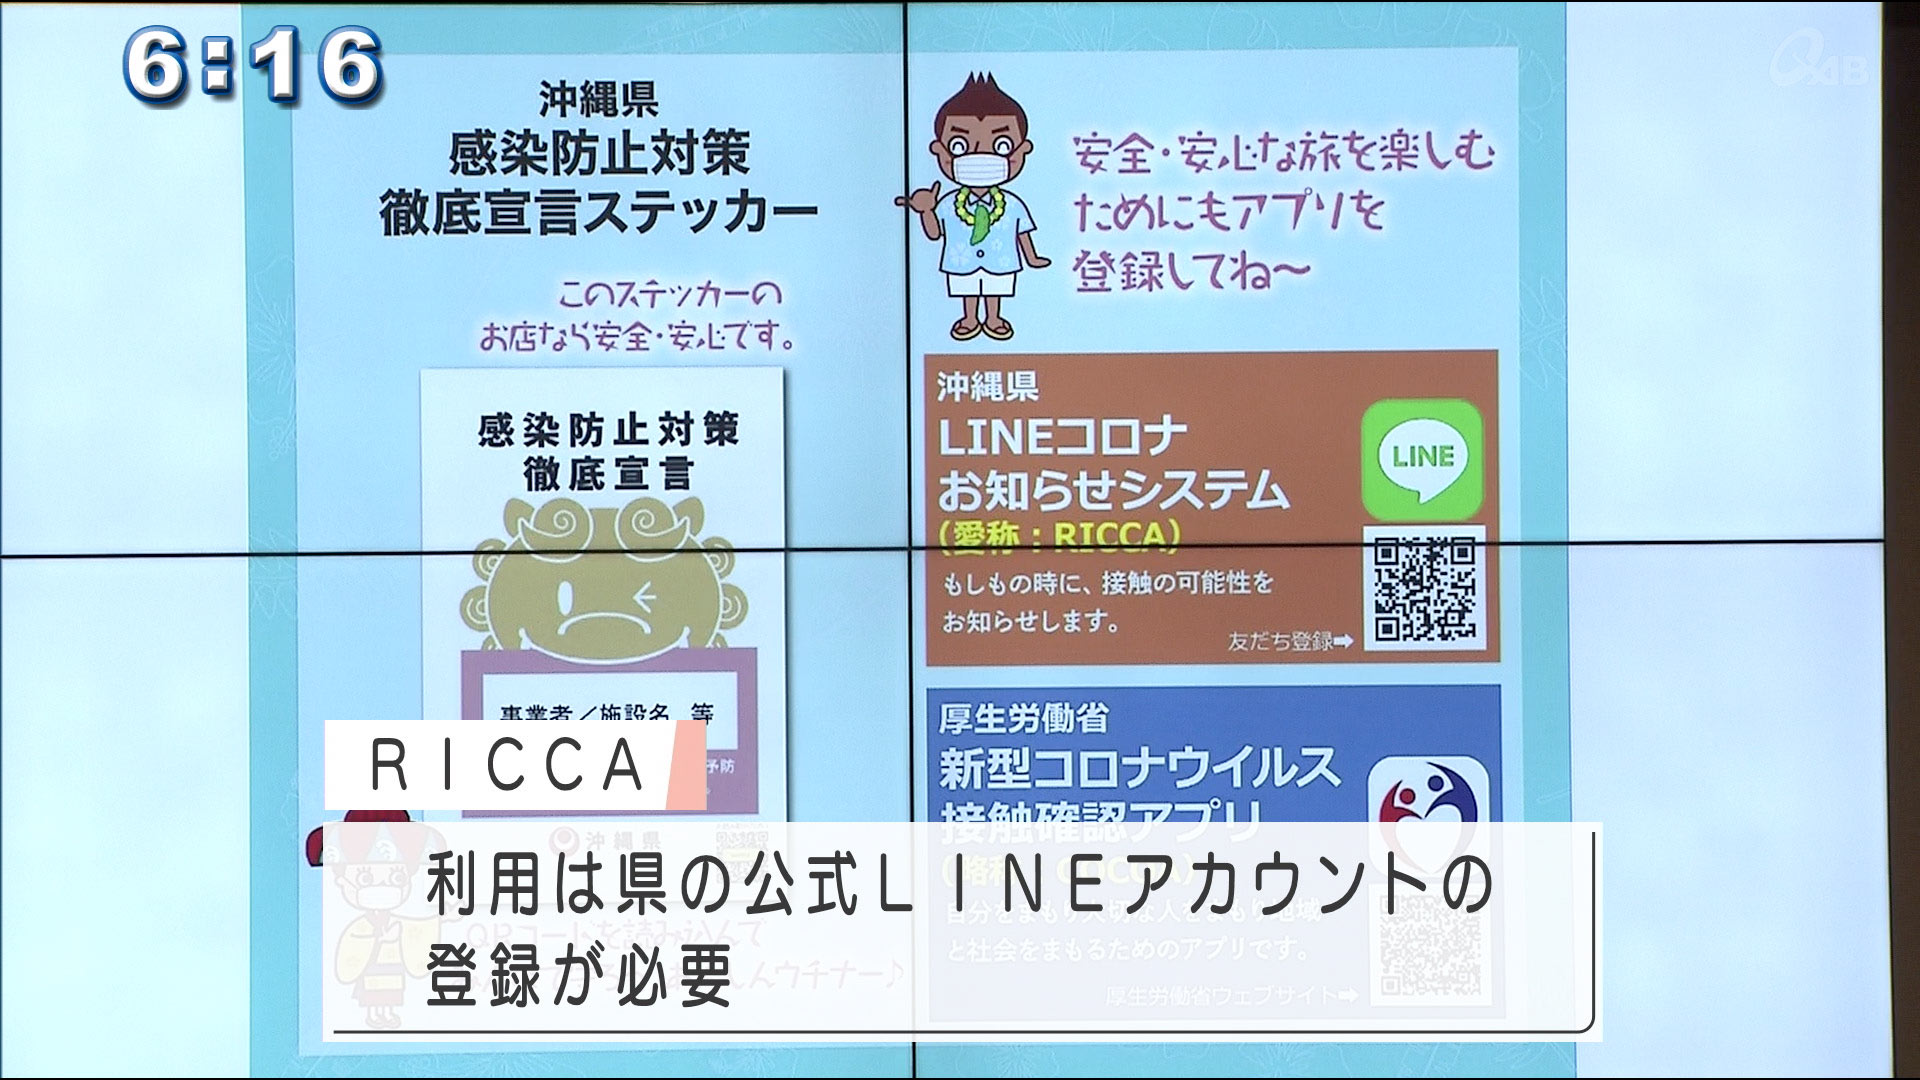 接触確認アプリ「RICCA」スタート